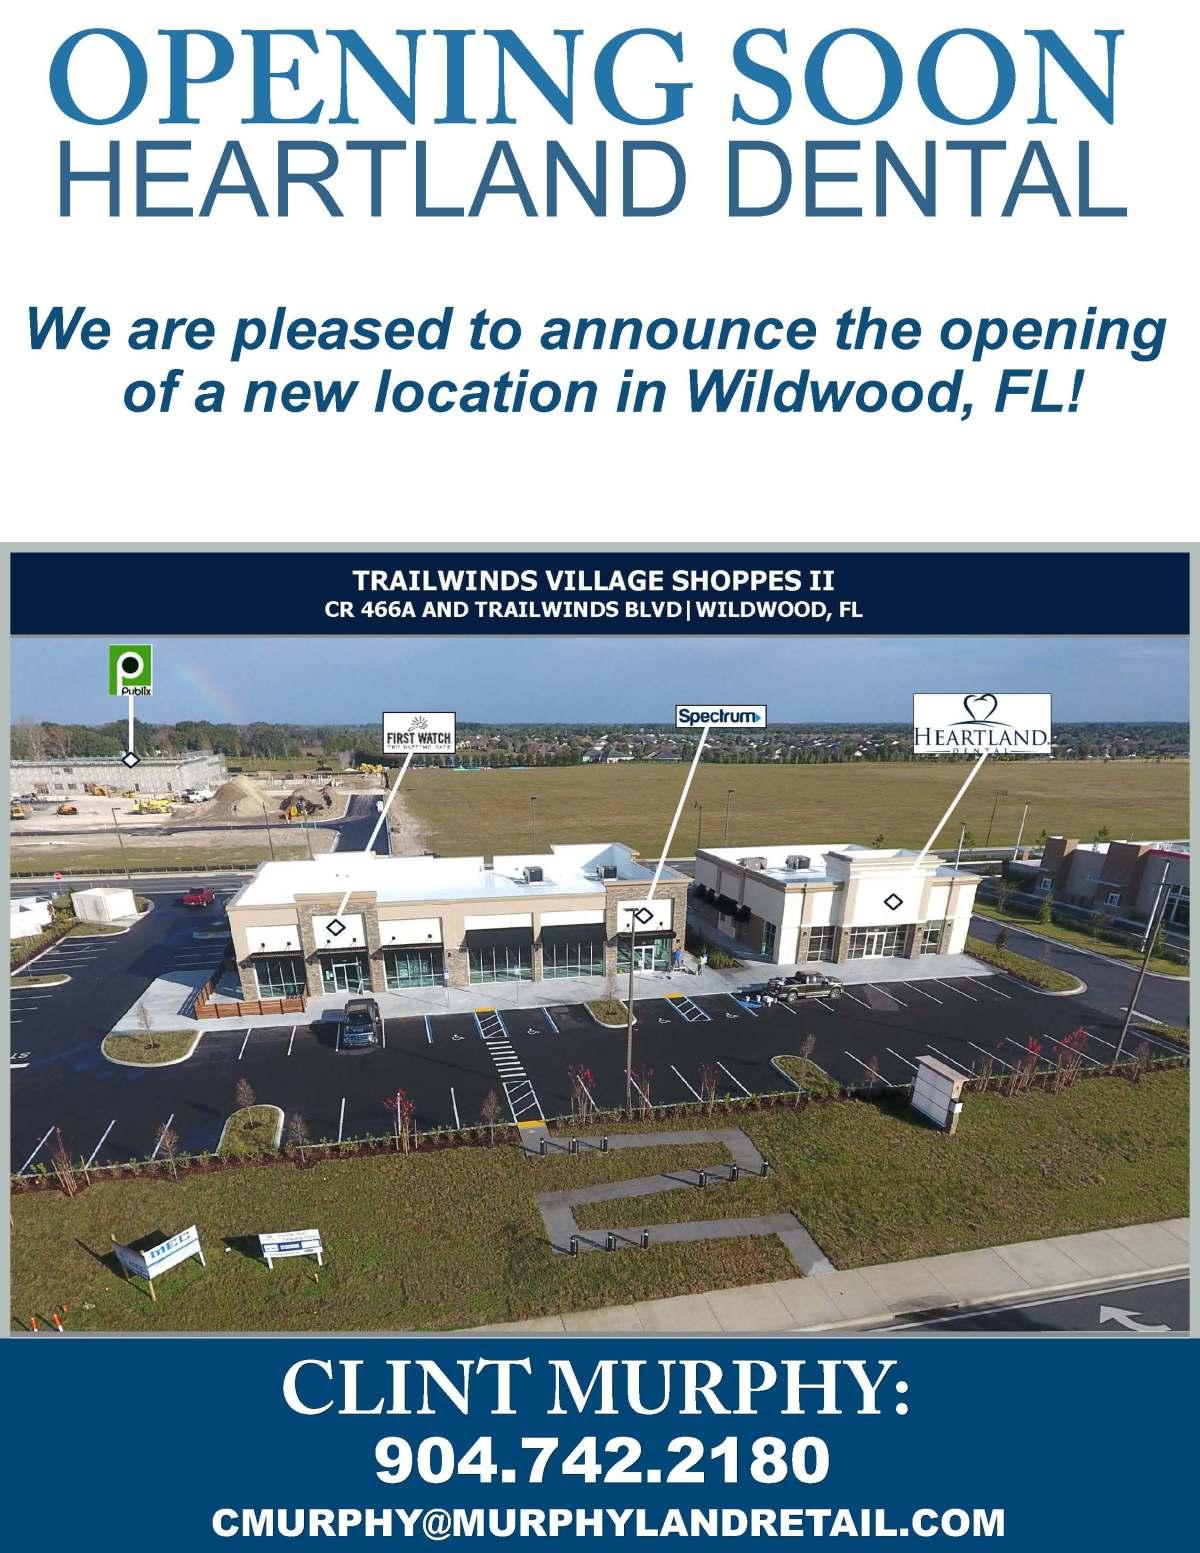 Opening Soon Heartland Dental, Wildwood, FL